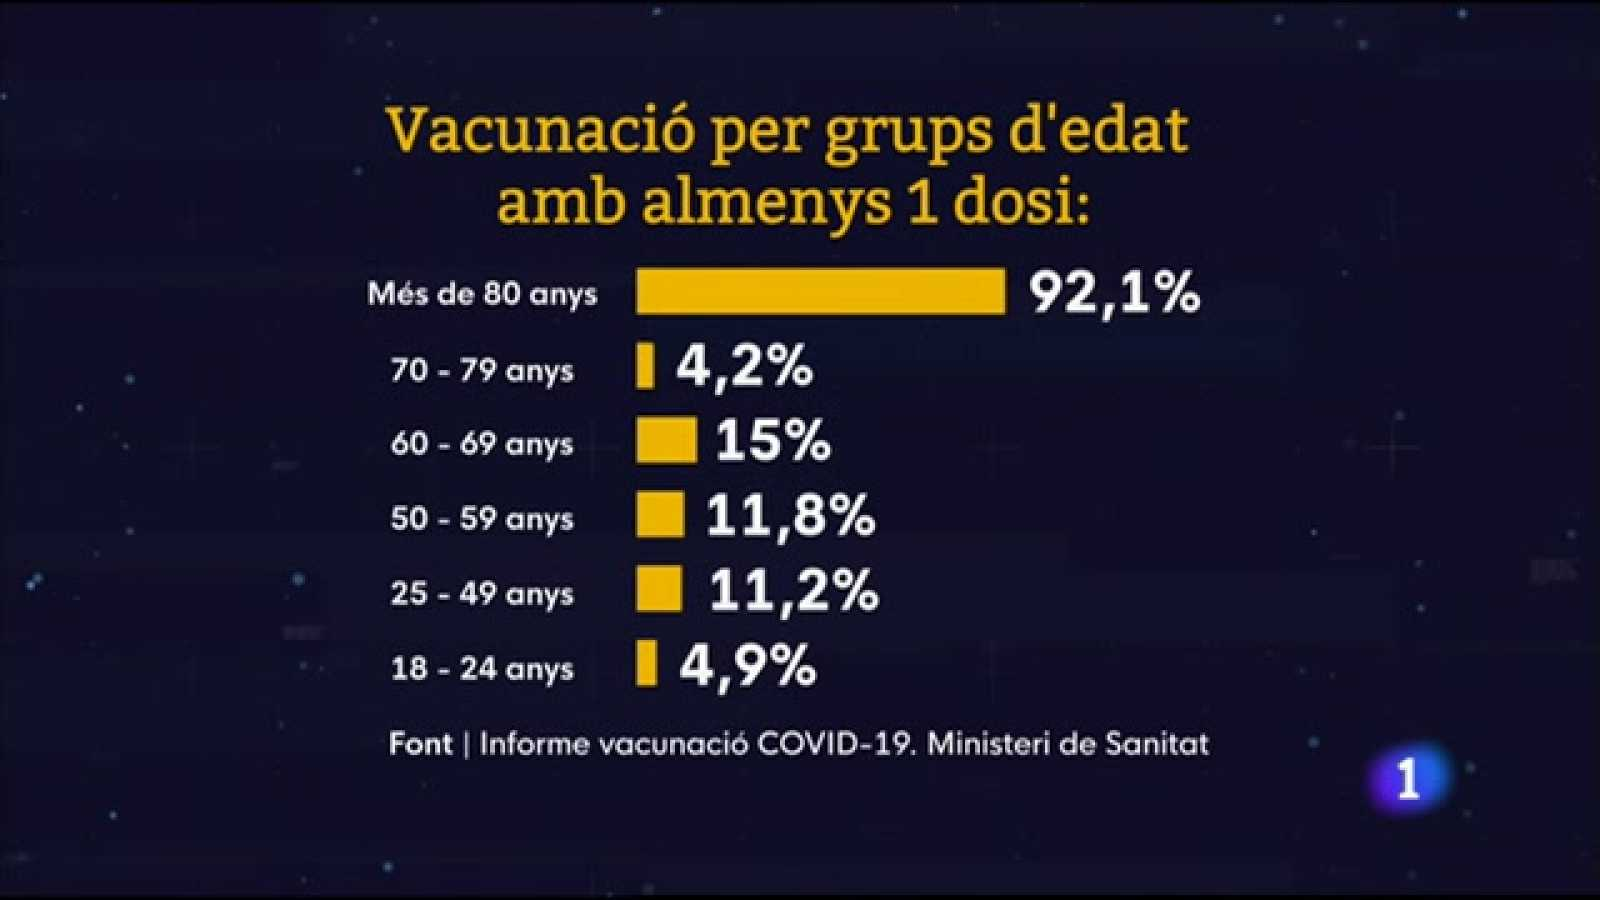 L'Informatiu Comunitat Valenciana 2 - 08/04/21 ver ahora